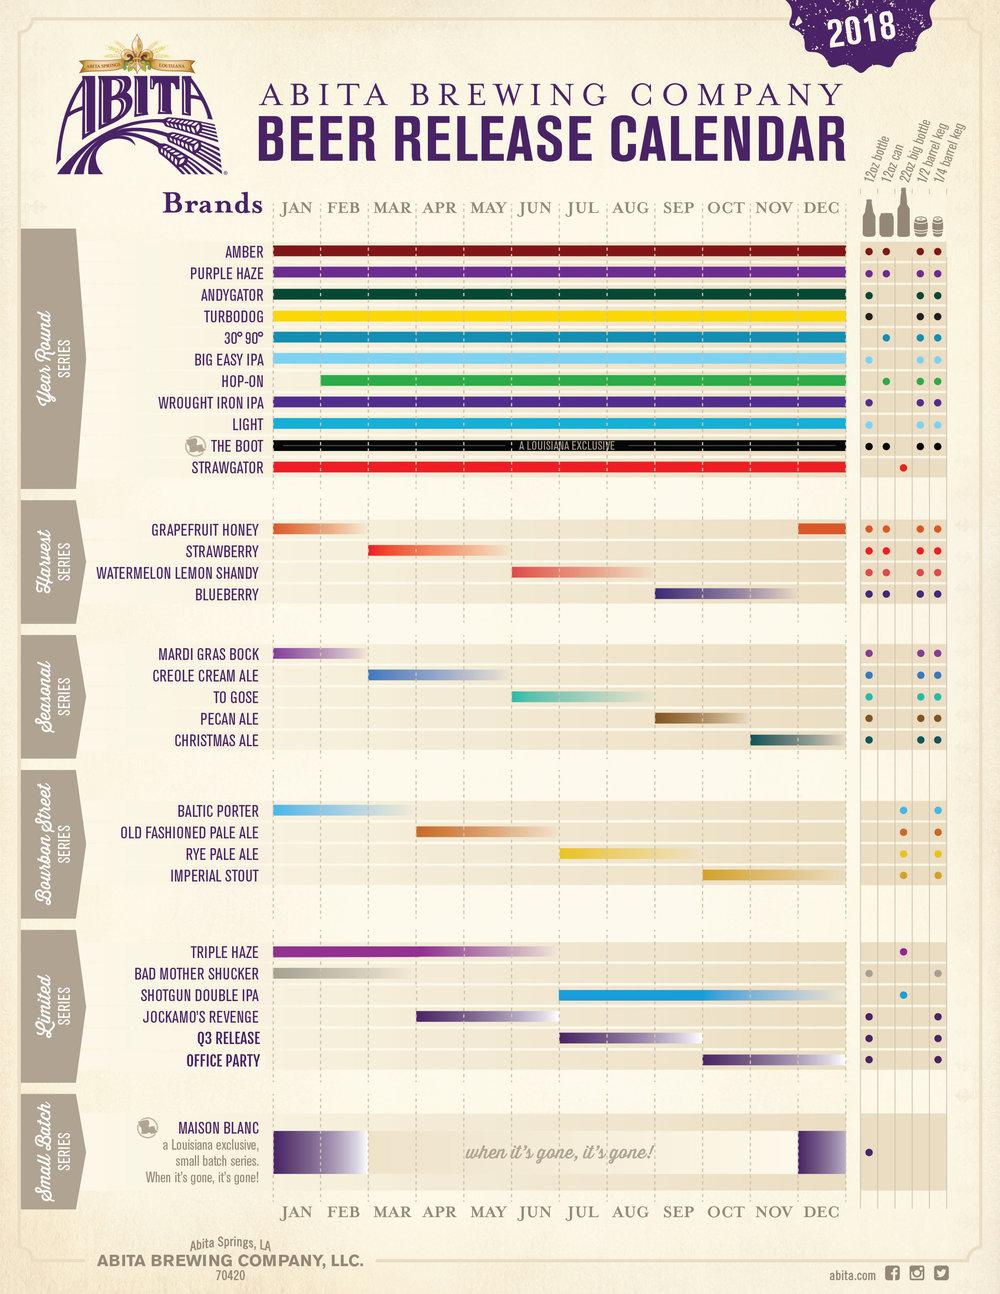 Abita Beer Release Calendar 2018 infographic